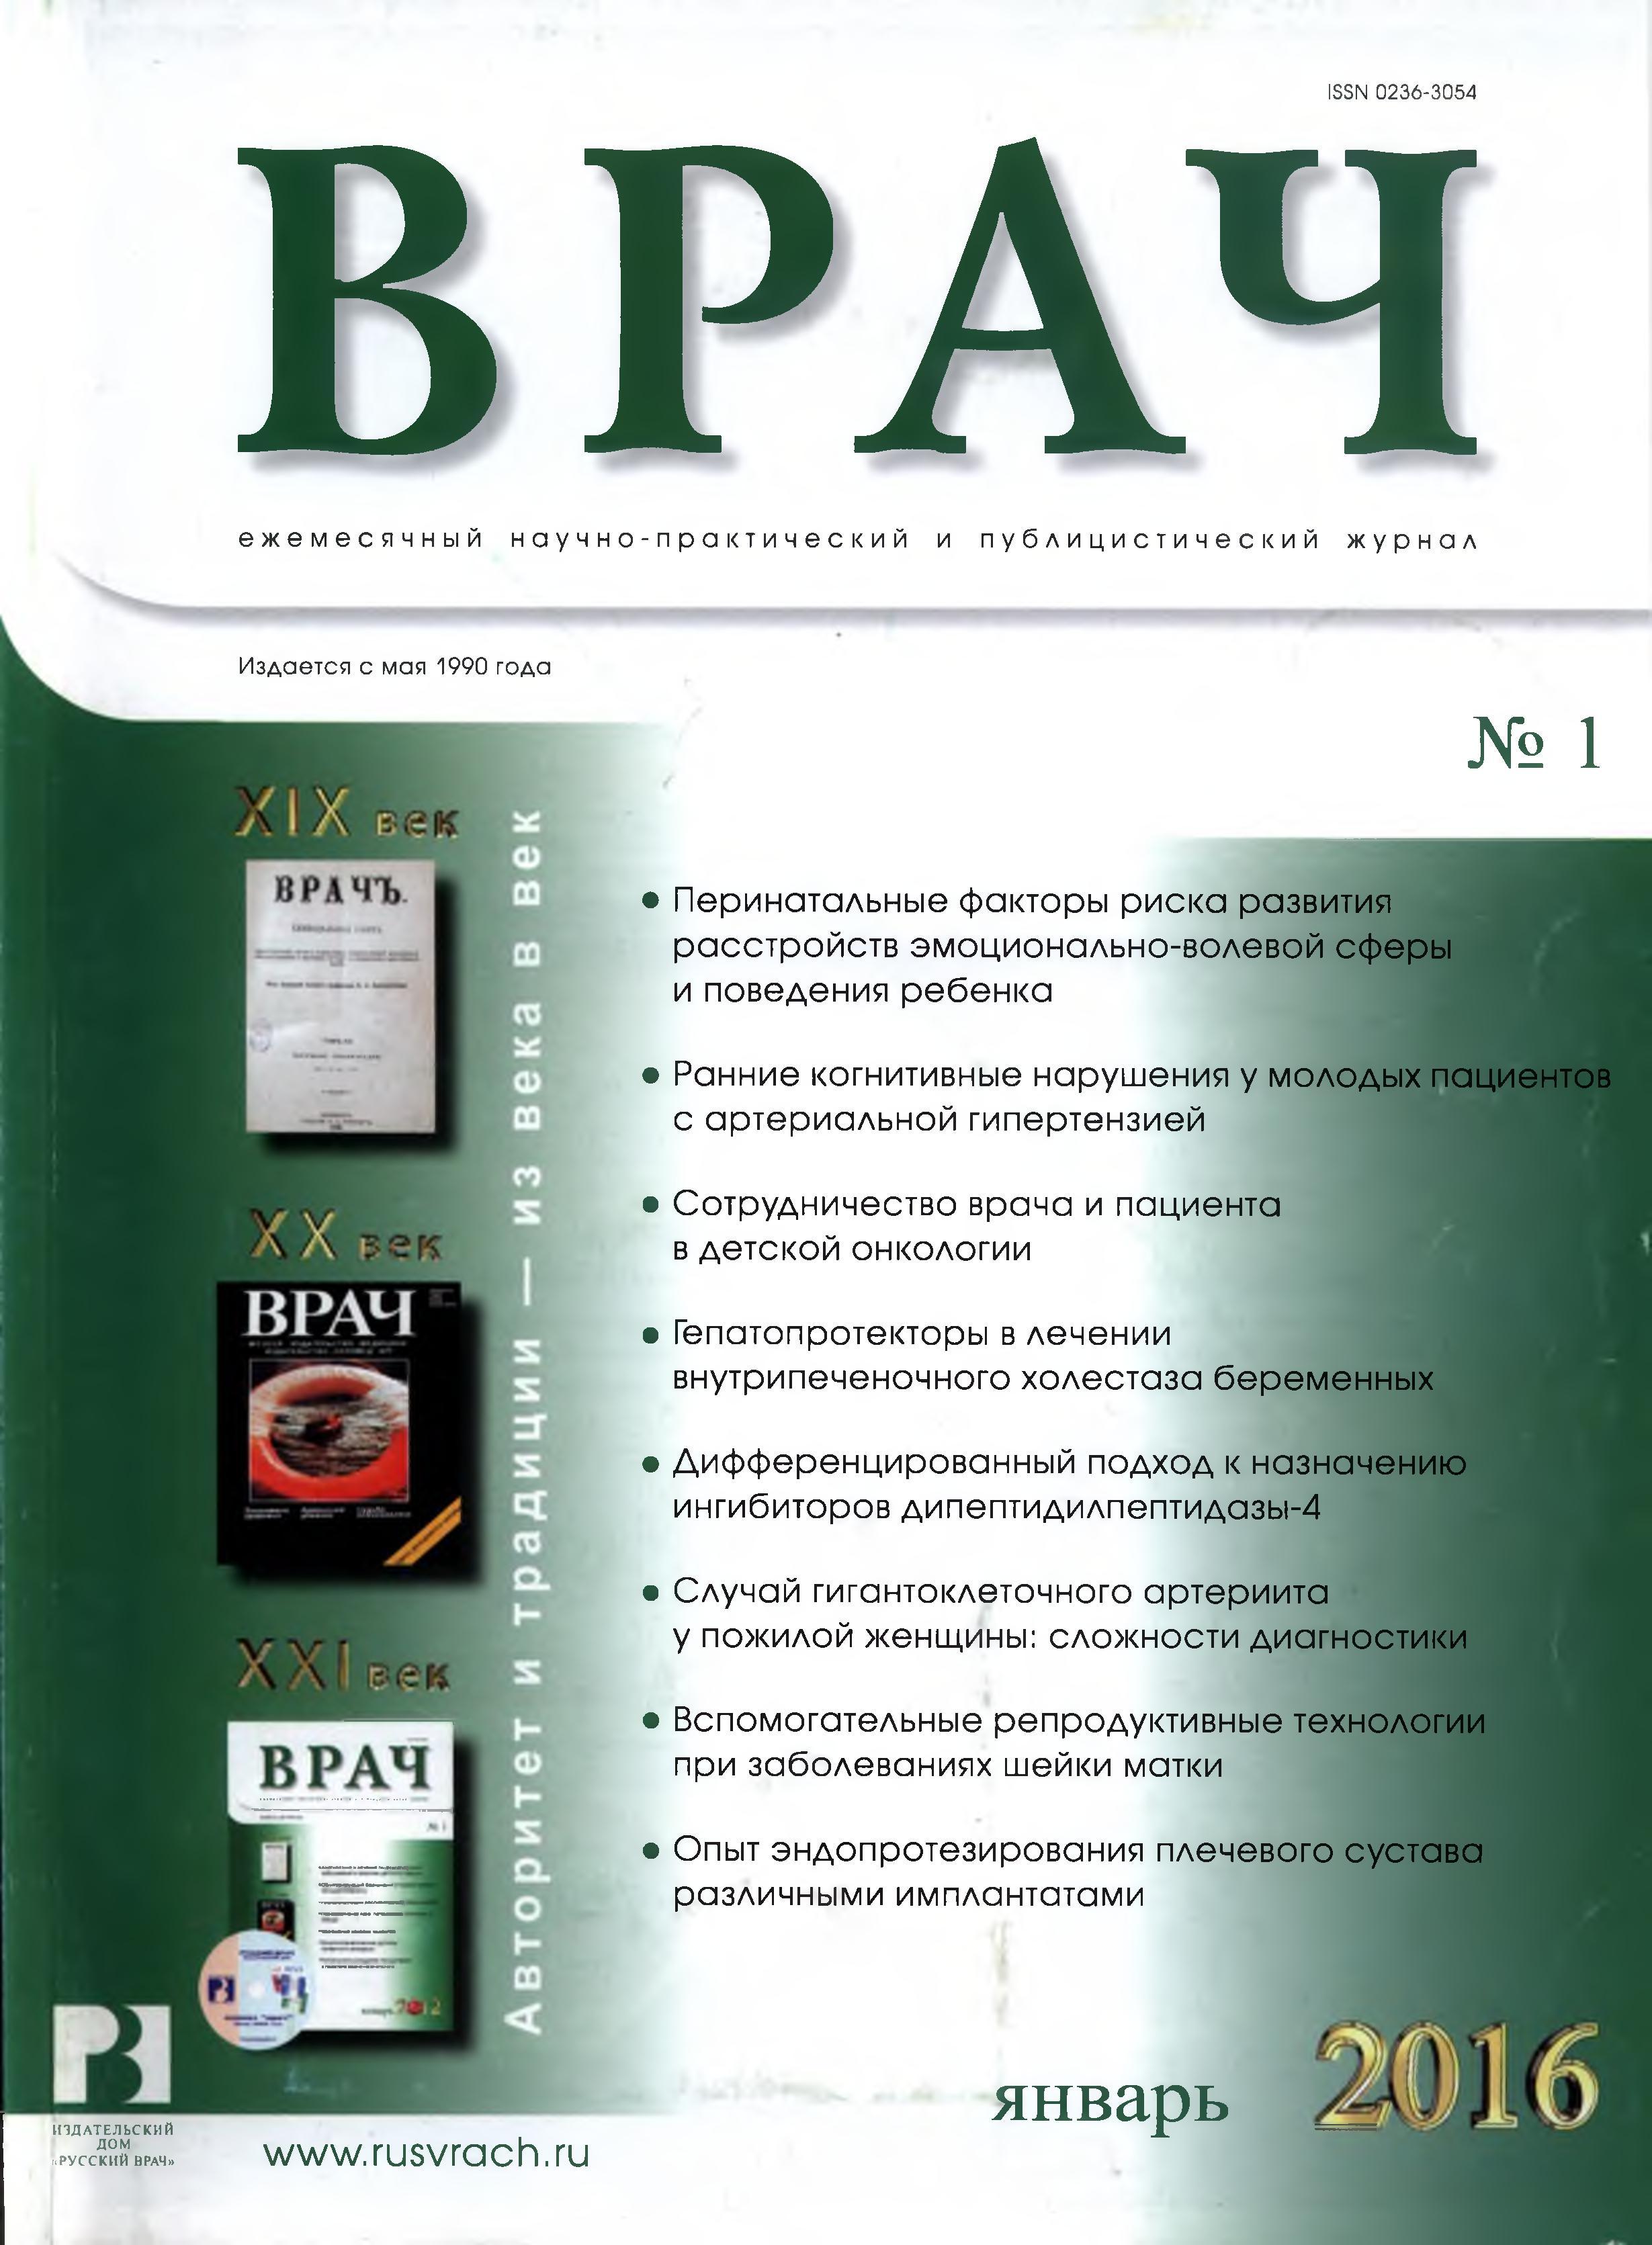 Журналы  в Перечень ведущих рецензируемых научных журналов и изданий в которых должны быть опубликованы основные научные результаты диссертаций на соискание